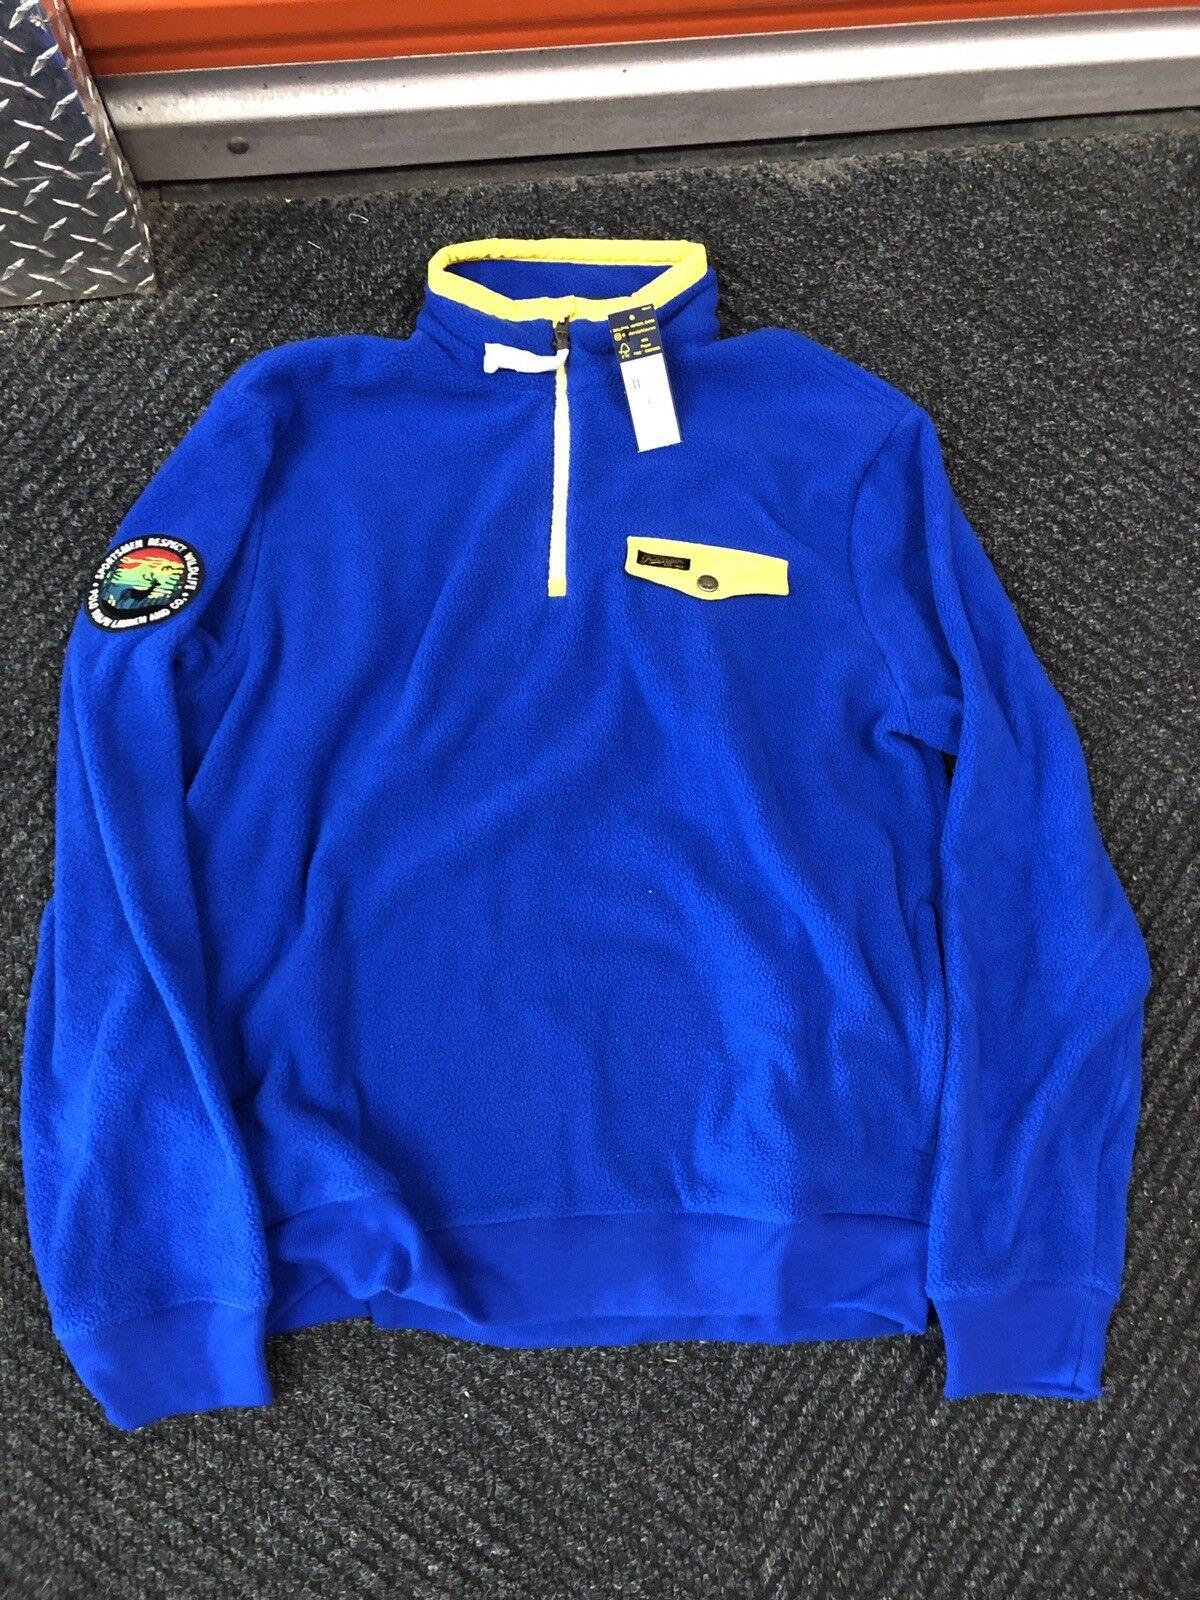 Größe Large Polo Ralph Lauren Sportsmen Respect Wildlife Sweatshirt HiTech